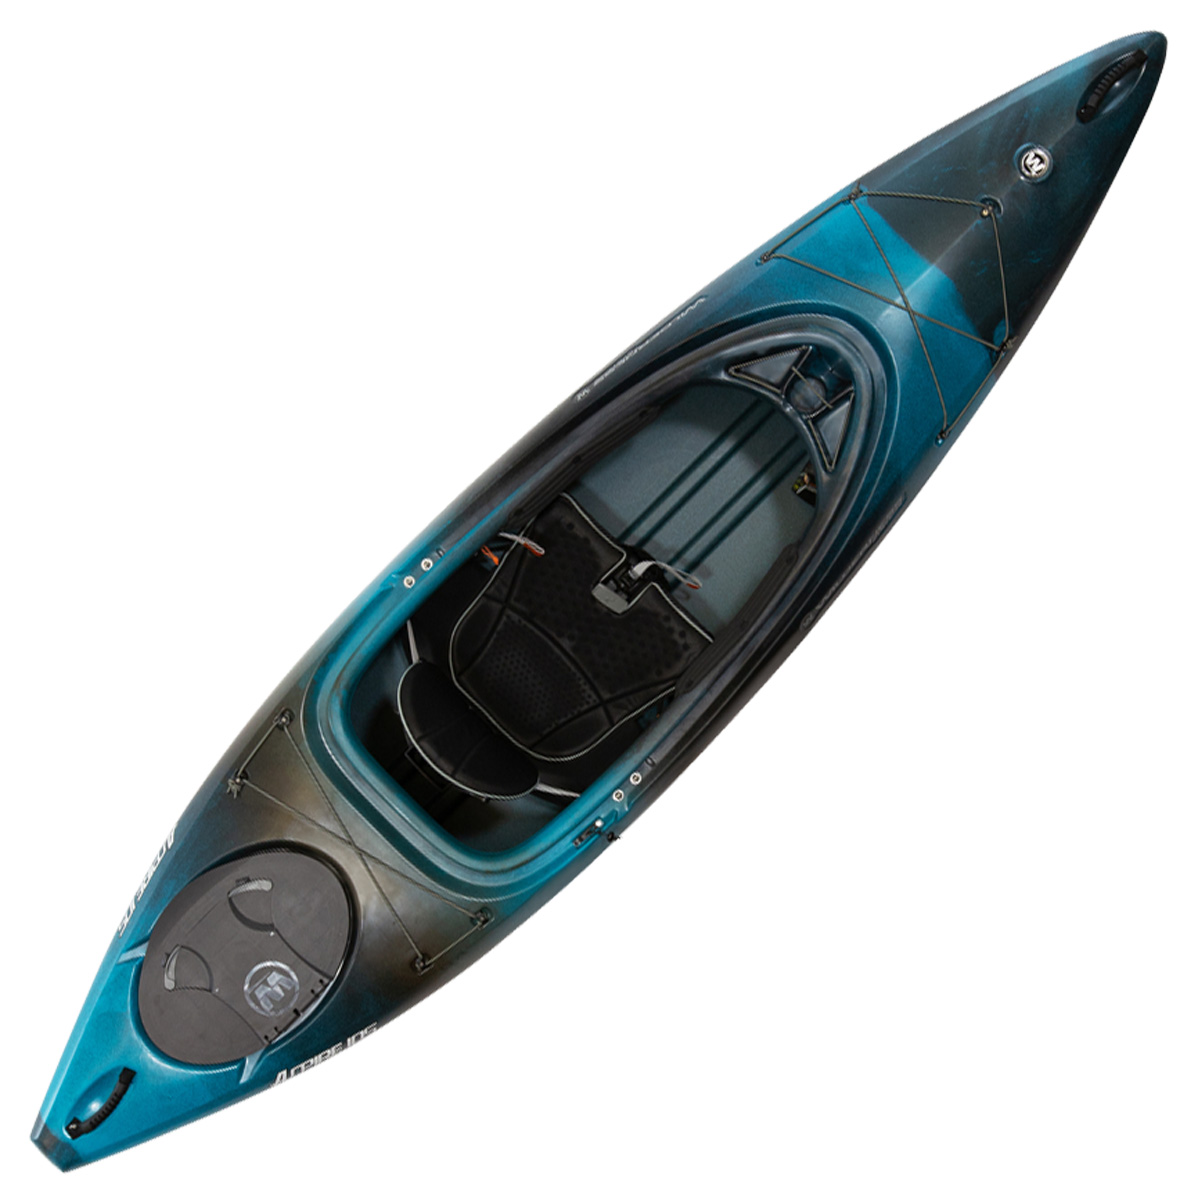 Wilderness Systems Aspire 105 Recreational Kayak Midnight